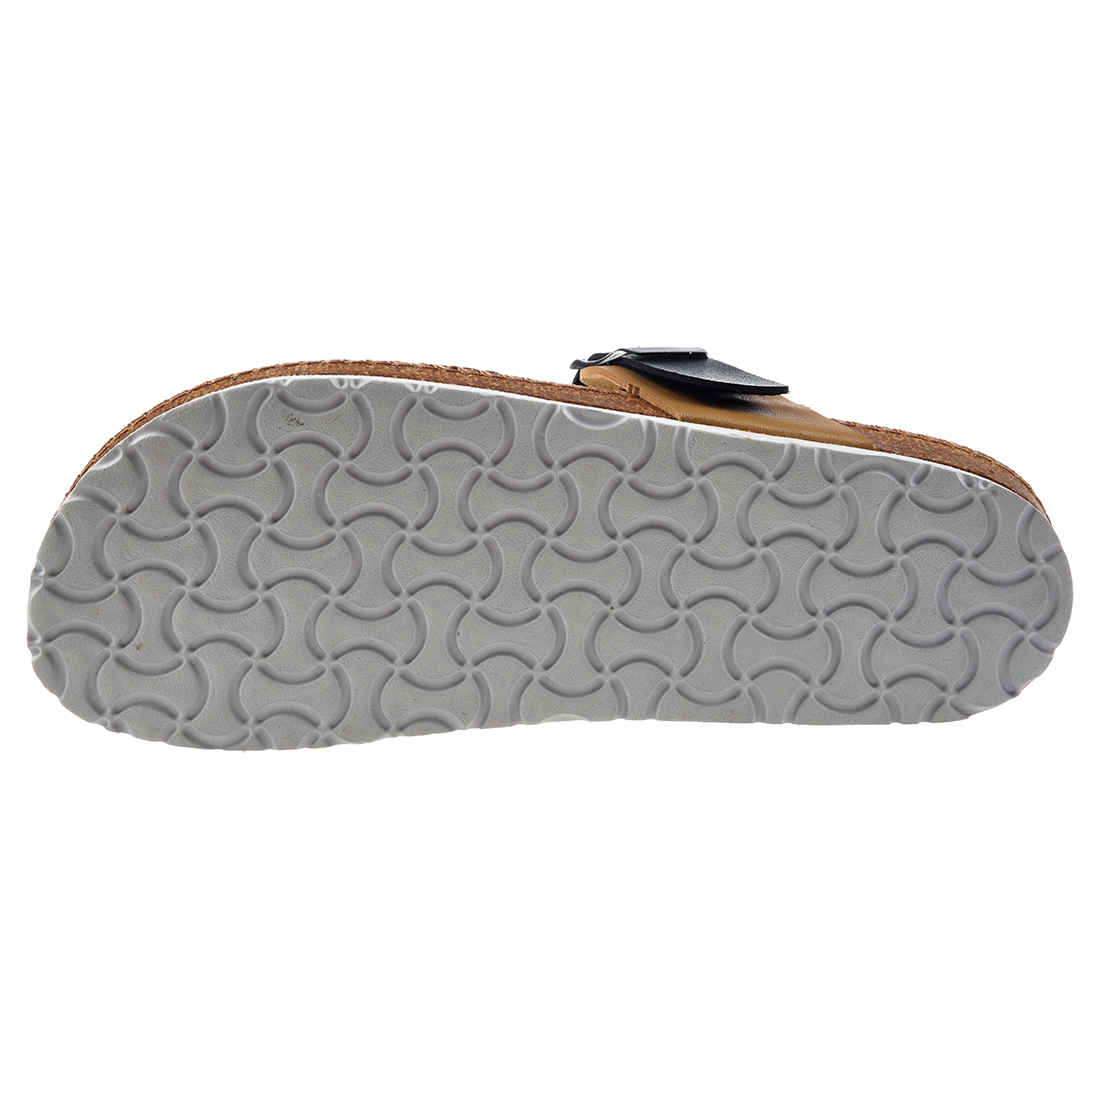 RUIZUU-Chancletas-deportivas-Sandalias-de-playa-Zapatillas-de-Mujer-Hombres-PB miniatura 5